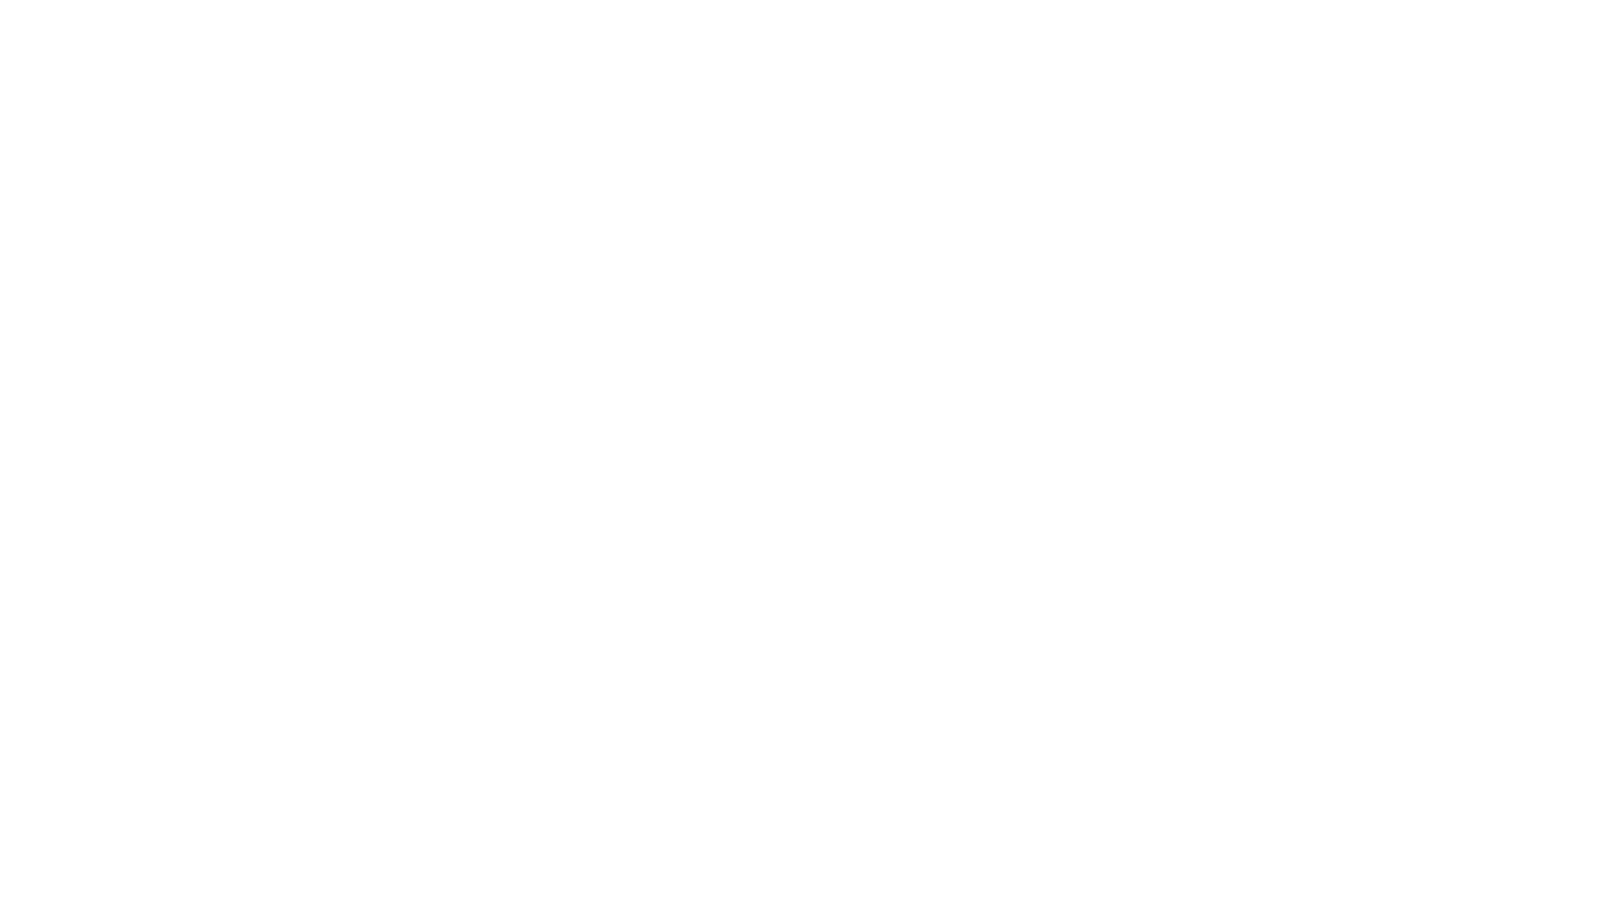 【(毎月払い)オンラインセッション【菩提樹の下で】~時空を超えて魂の輝きを生む~】 https://resast.jp/conclusions/7699 【カウンセリング専用サロン】 https://kreha513.com/kreha/   【オンラインセッション 菩提樹の下で】 https://www.reservestock.jp/page/event_series/64910 【クラブハウス】 https://www.joinclubhouse.com/@kreha.crystal ネットショップ https://happycrystal.official.ec/    パワーストーンと癒し雑貨のお店【 Happy-Crystal】 https://www.kreha-world.com/happy-crystal/  Krehaブログ 【Krehaのいまを生きる方へのメッセージ☆】 http://ameblo.jp/hc-star/  2号店【Happy- Crystal】ブログ 【Krehaとはまちゃんの癒しのお店】 http://ameblo.jp/happycrystalkreha/  Krehaインスタ kreha_crystal  HappyCrystalインスタ happycrystal.kreha  ※いつもご視聴ありがとうございます。     YouTubeでは個人的なご質問にはお答えしておりませんのでご了承ください。    #光のエバンジェリスト#お彼岸#死後の世界 #厄除け#邪気払い#前世#過去#未来 #スピリチュアル#開運#金運#病気#ヒーリング #人生#仕事#恋愛#結婚#離婚#出産#健康#ハッピー#パワーストーン #リピーター率100%#感涙率120%